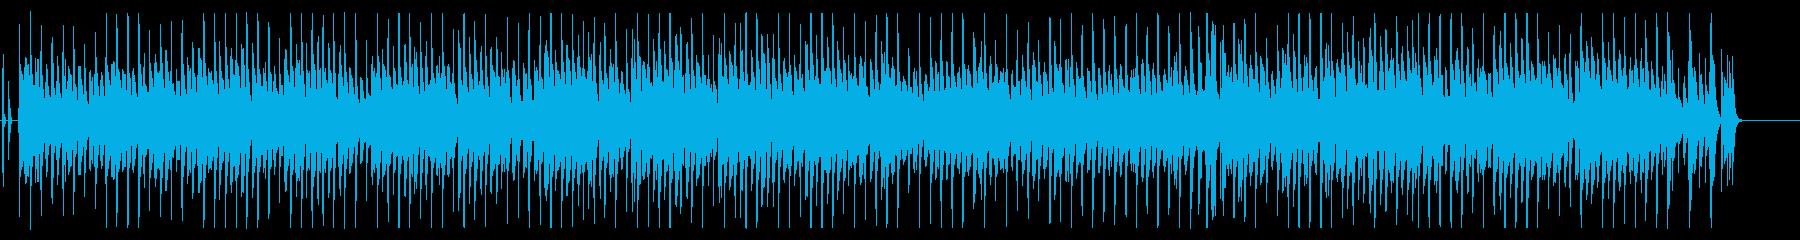 明るく元気・コミカルで可愛いリコーダー曲の再生済みの波形